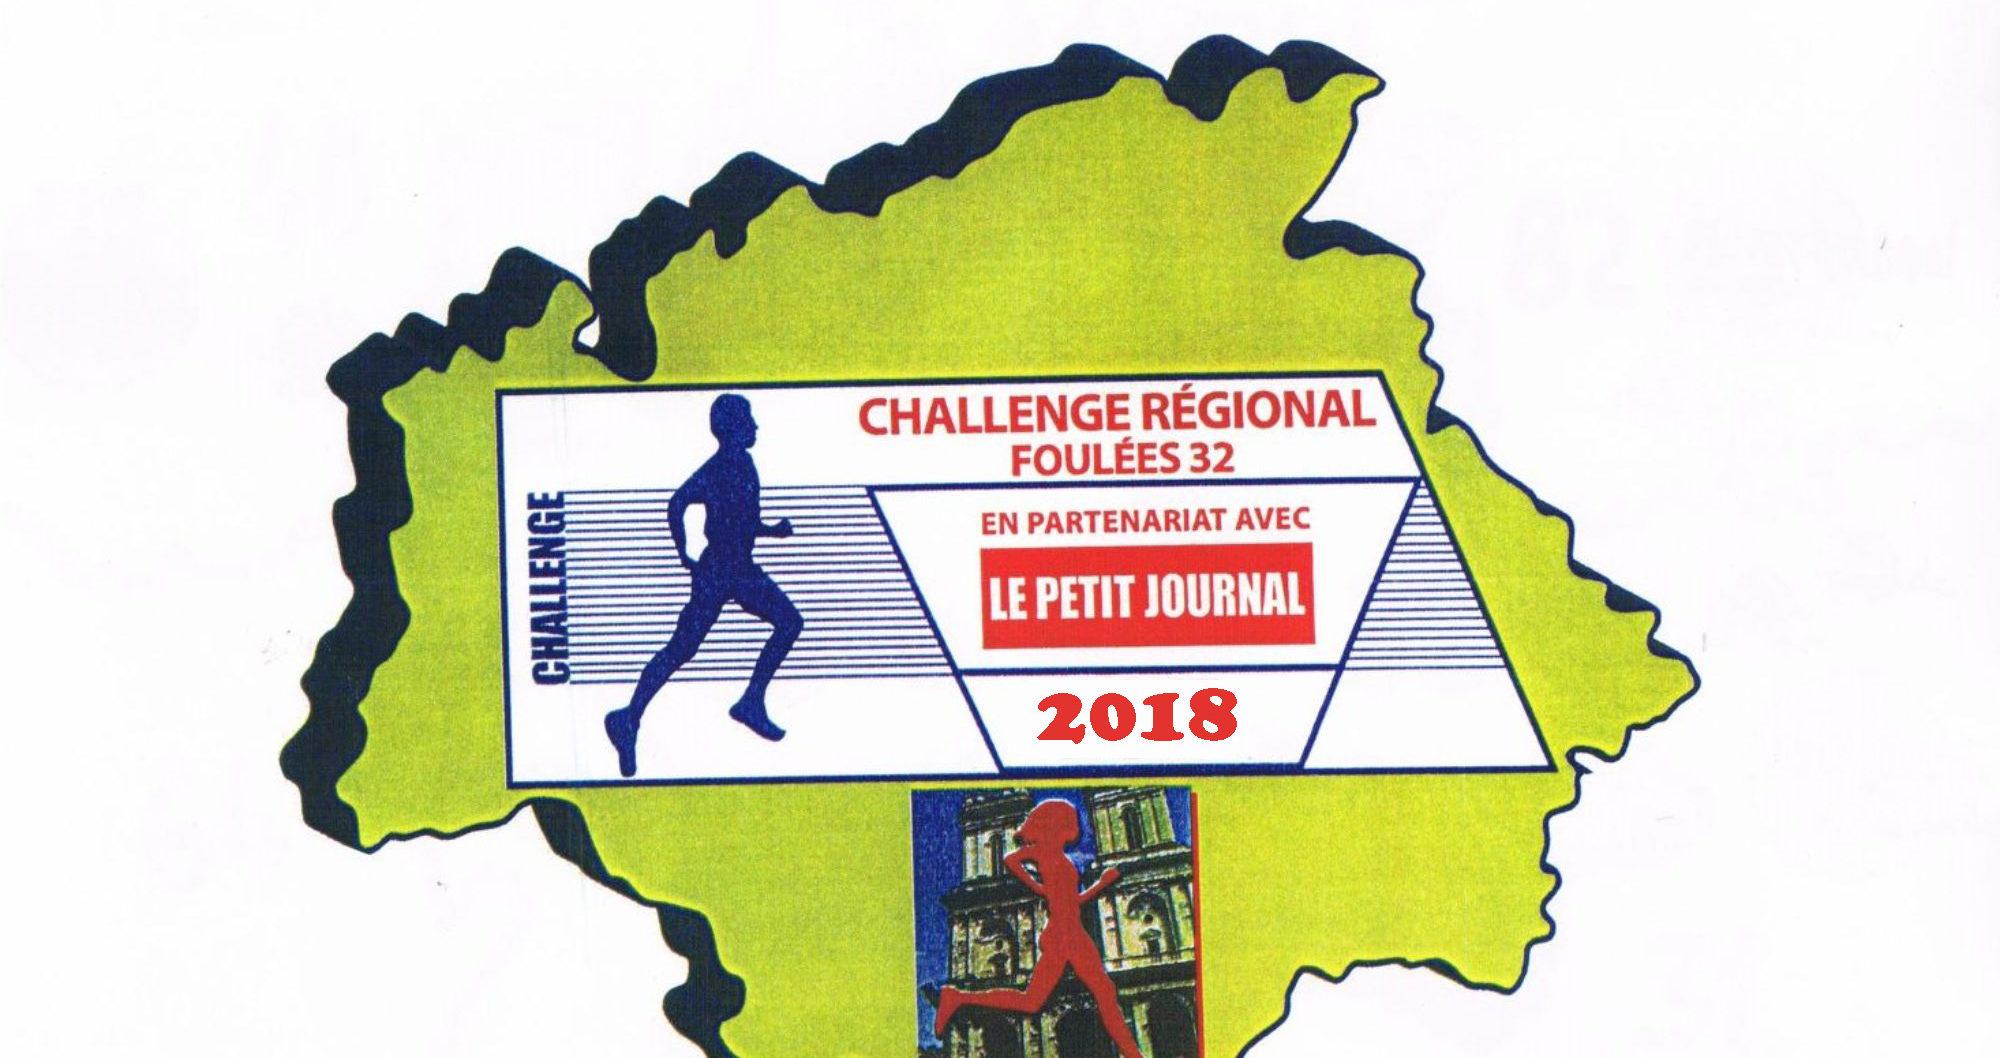 Challenge Foulées 32